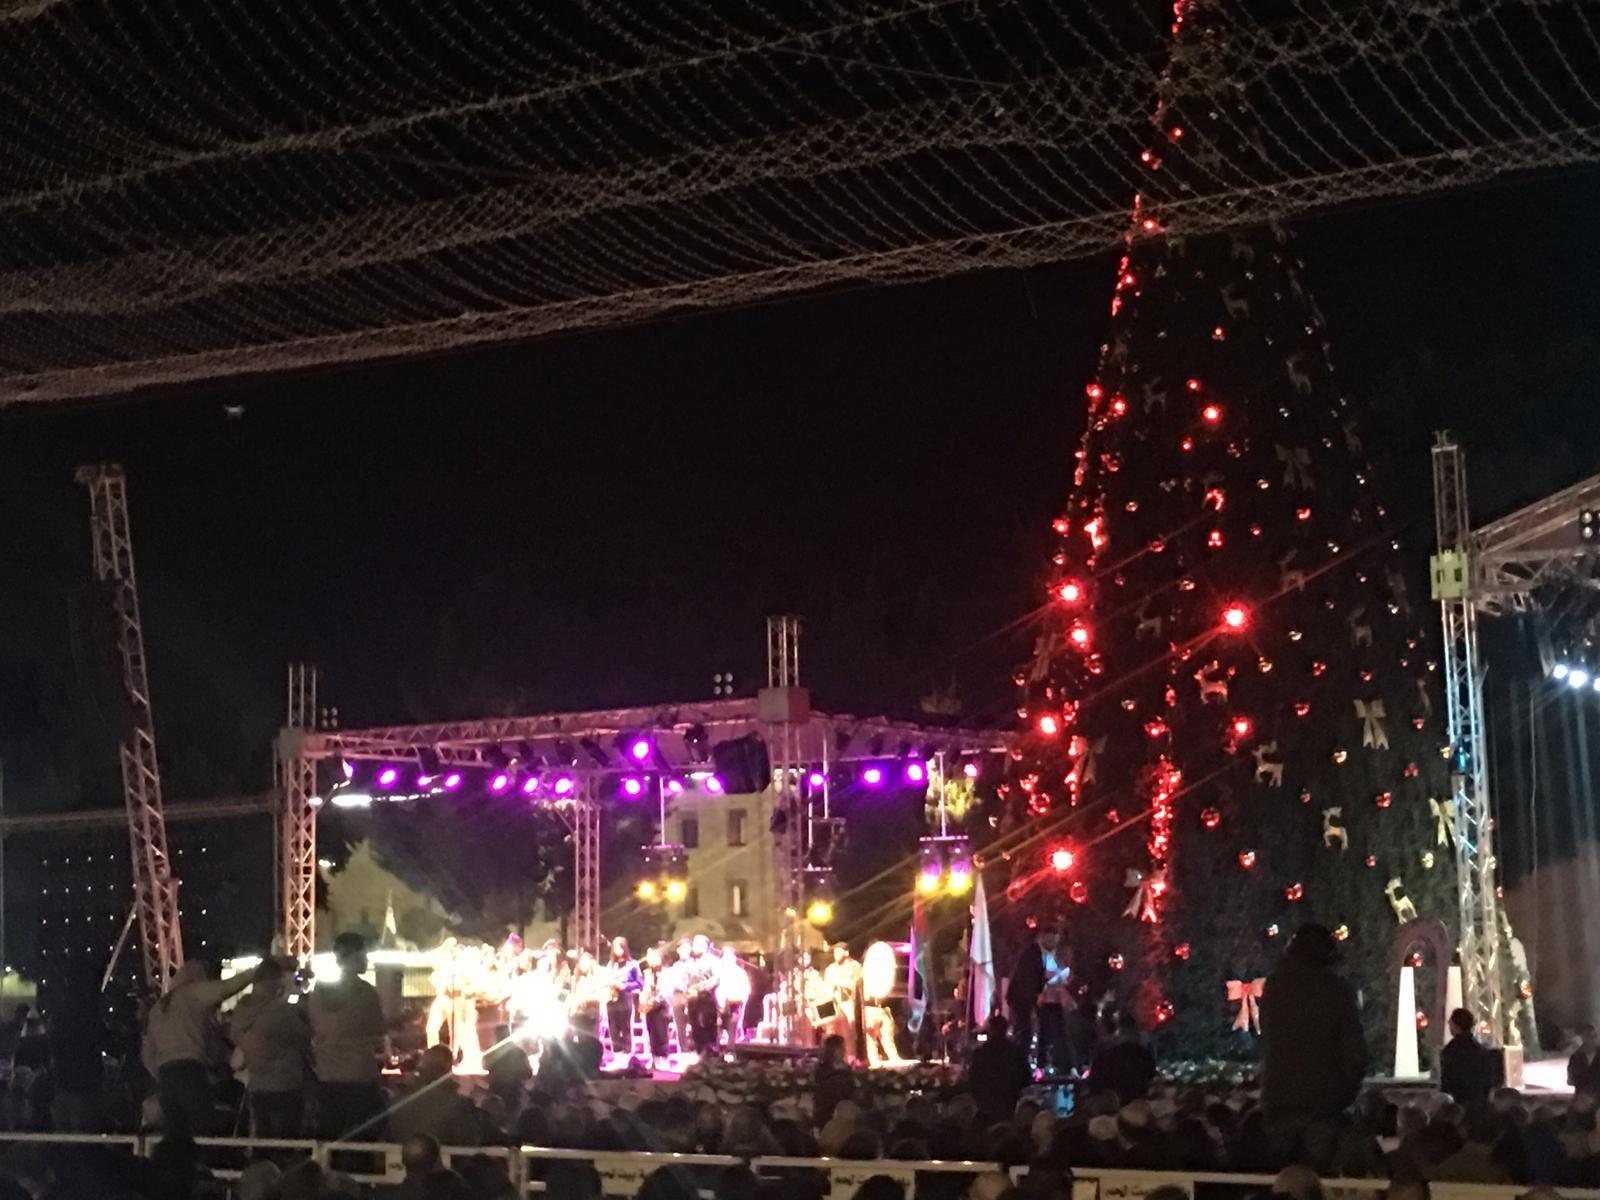 الاحتفال بإضاءة شجرة الميلاد في بيت لحم-4